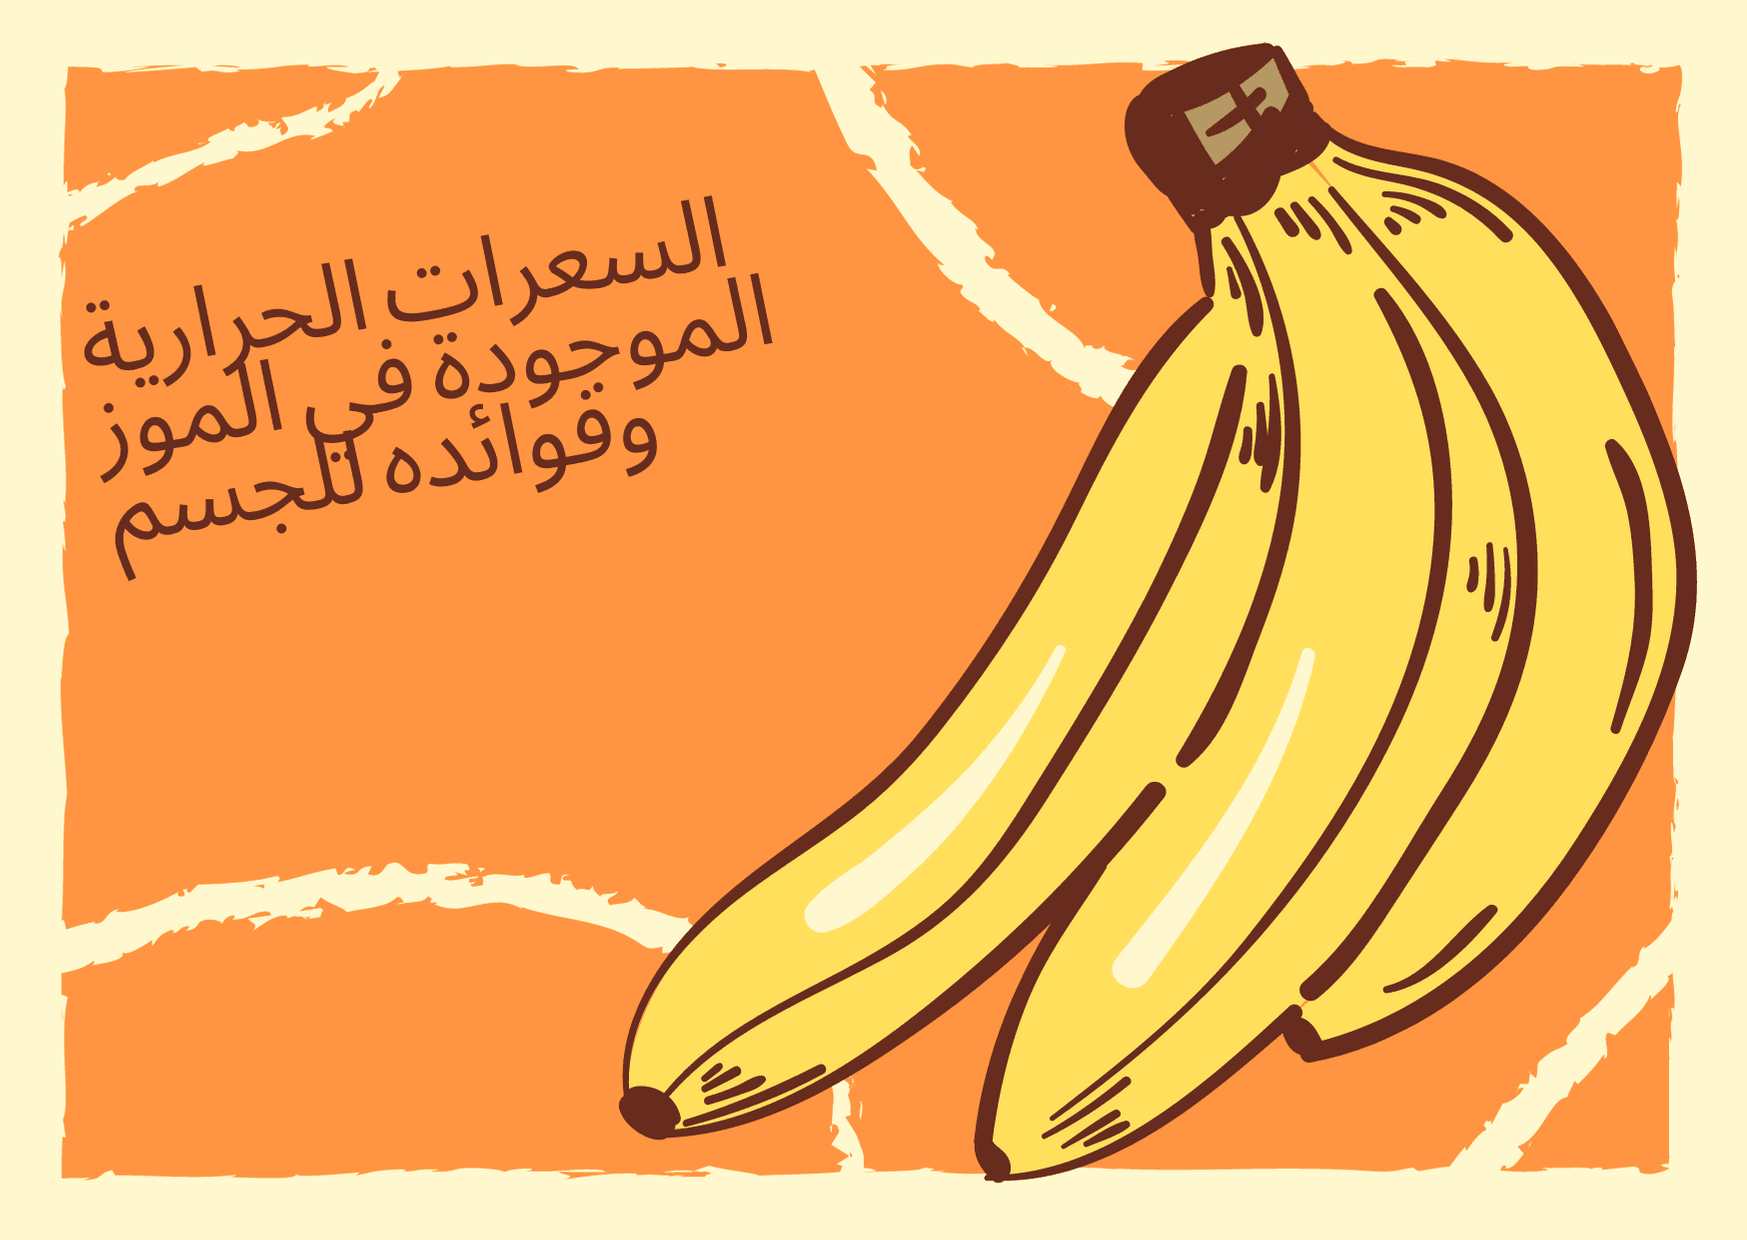 السعرات الحرارية الموجودة في الموز وفوائده للجسم